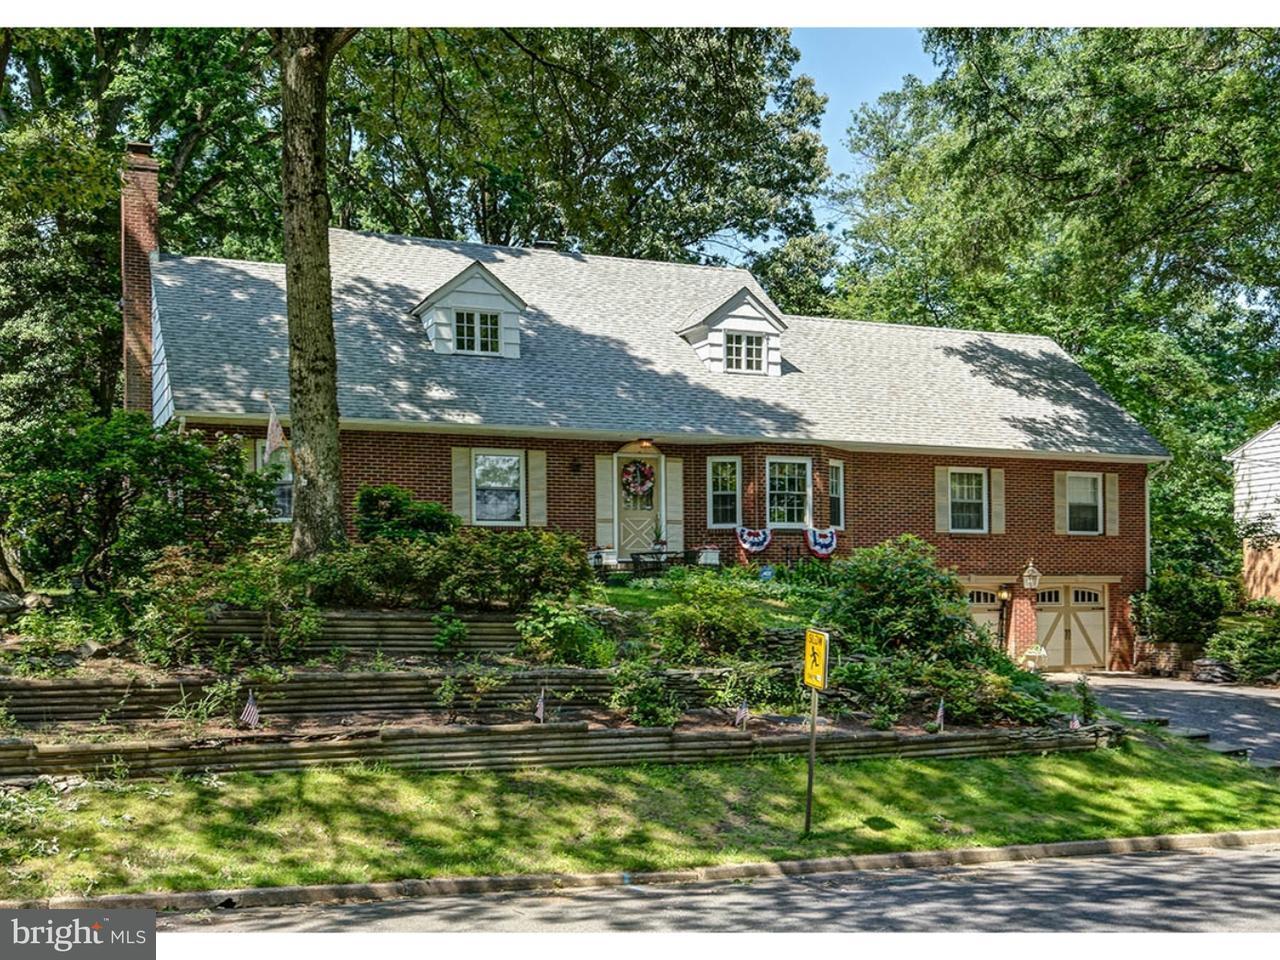 Maison unifamiliale pour l Vente à 510 GLENDALE Avenue Haddon Township, New Jersey 08108 États-Unis